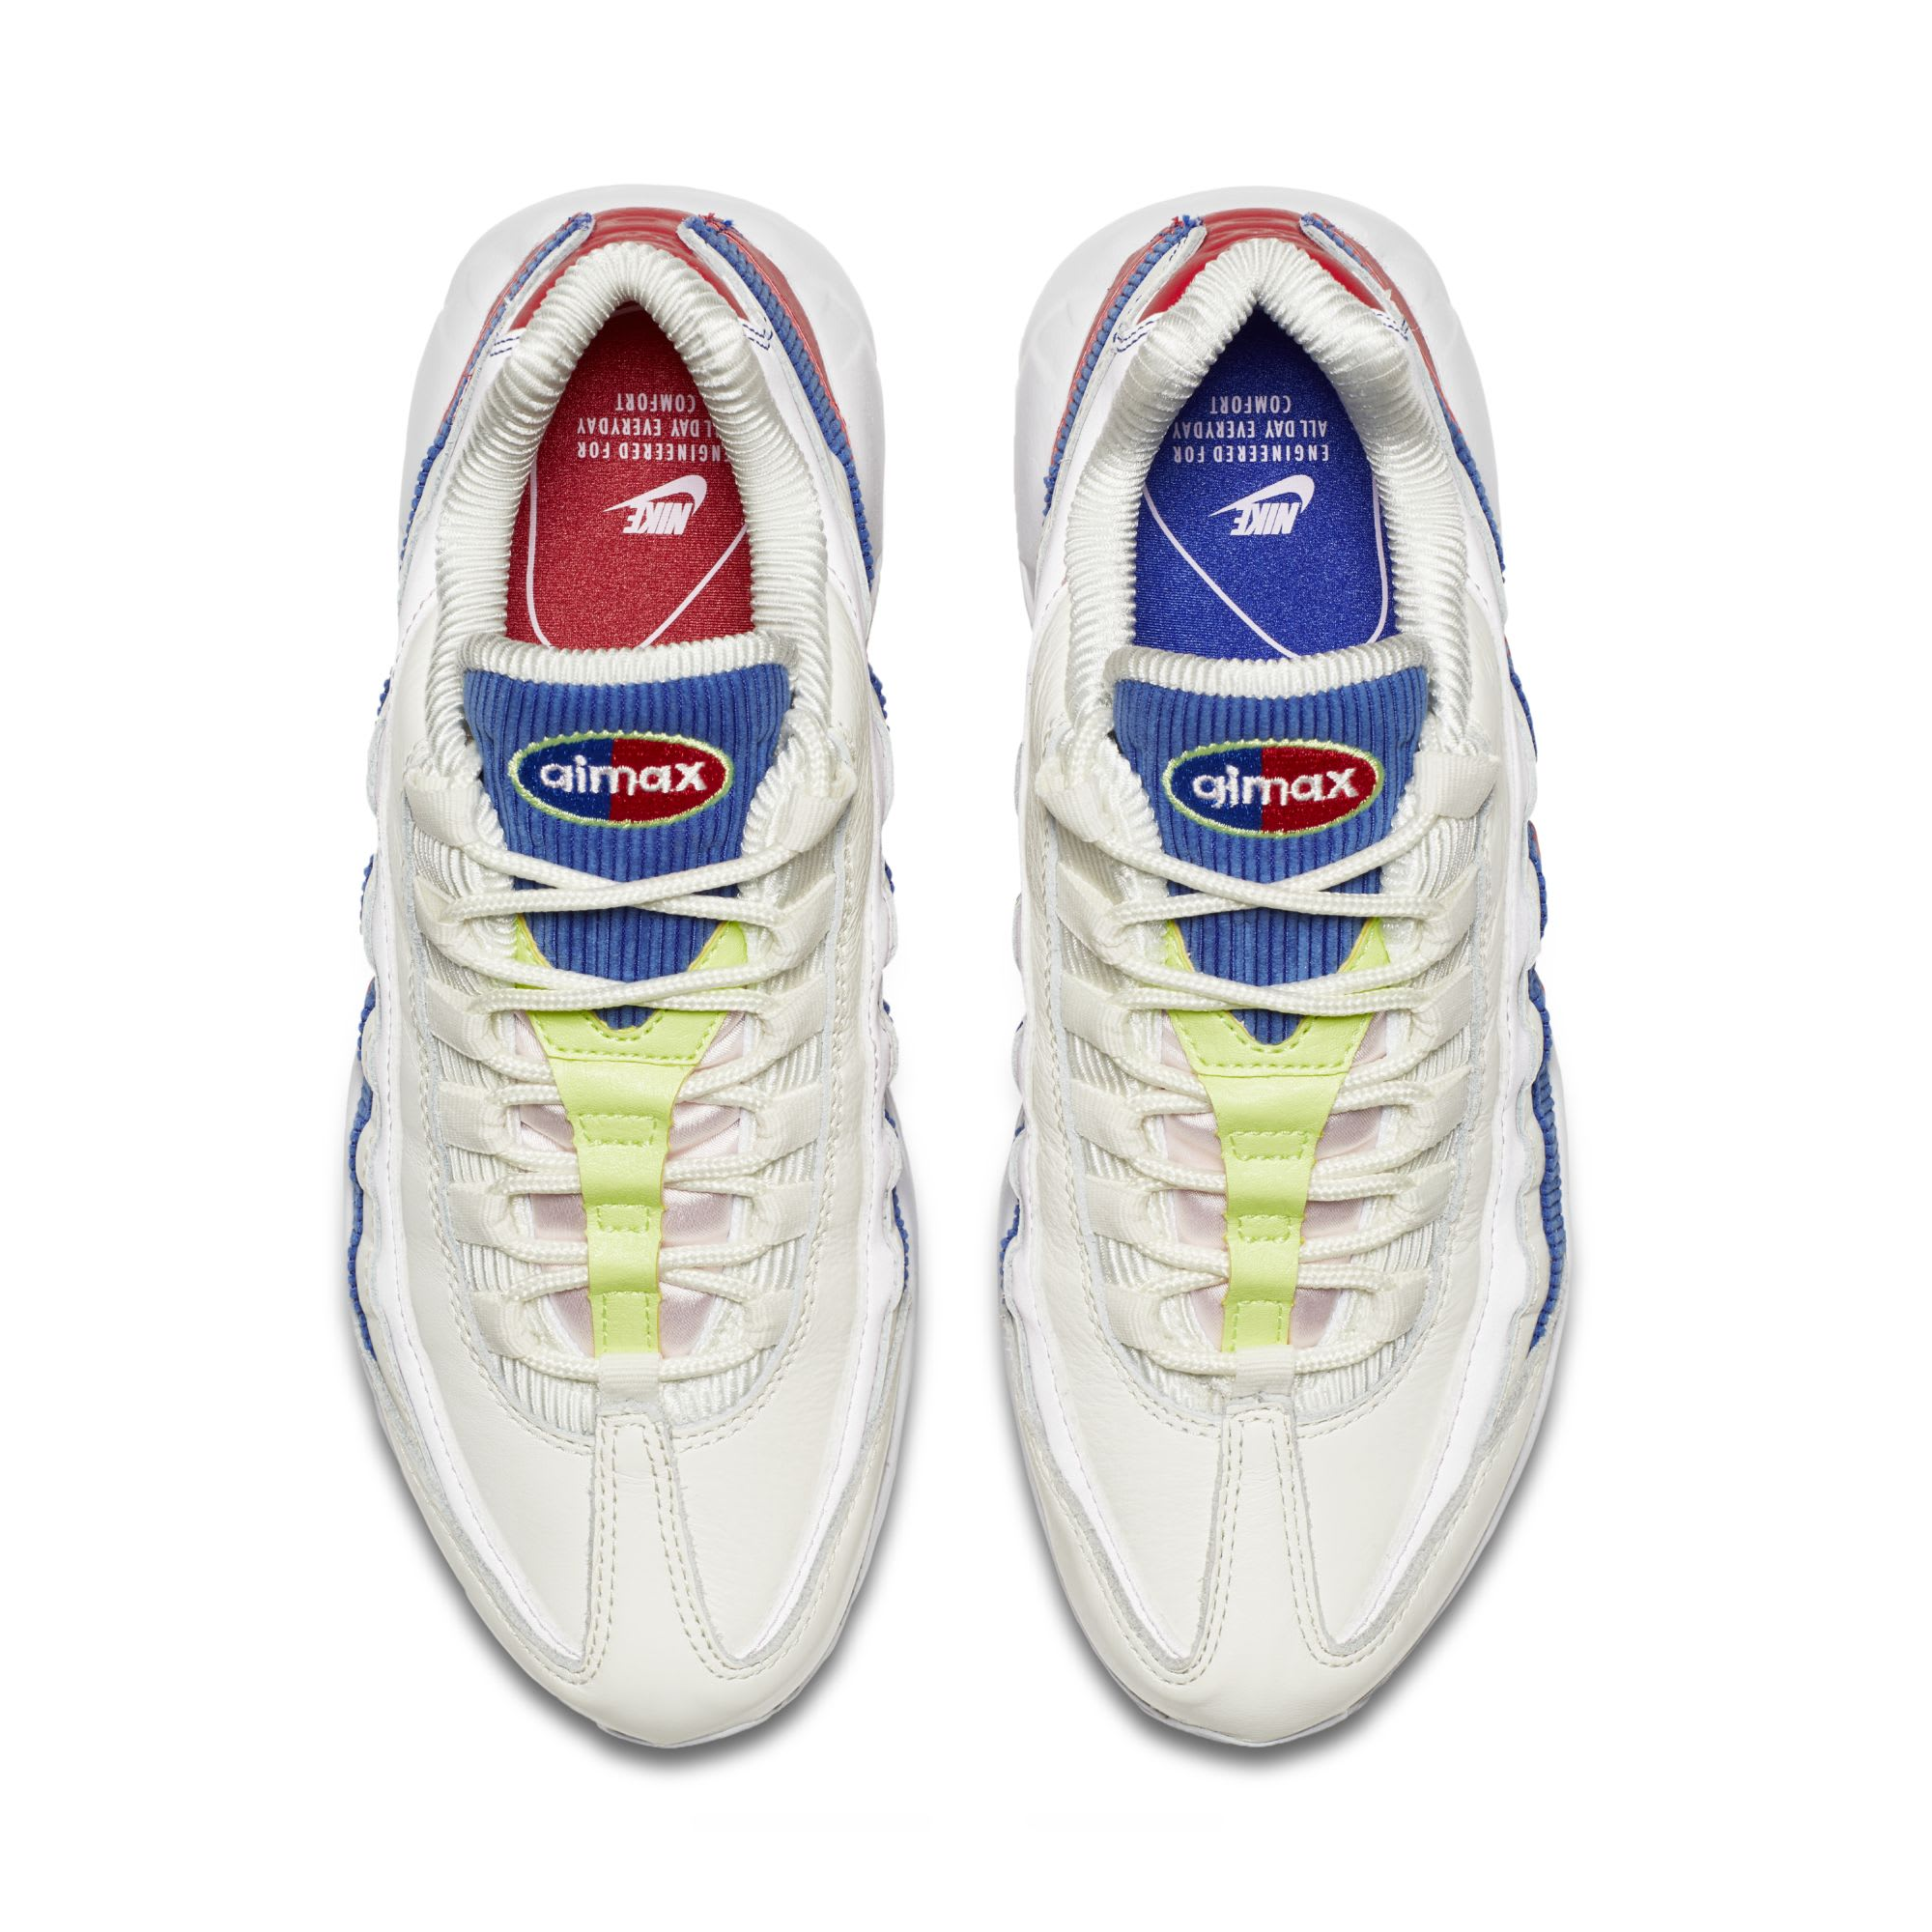 WMNS Nike Air Max 95 Panache (Top)